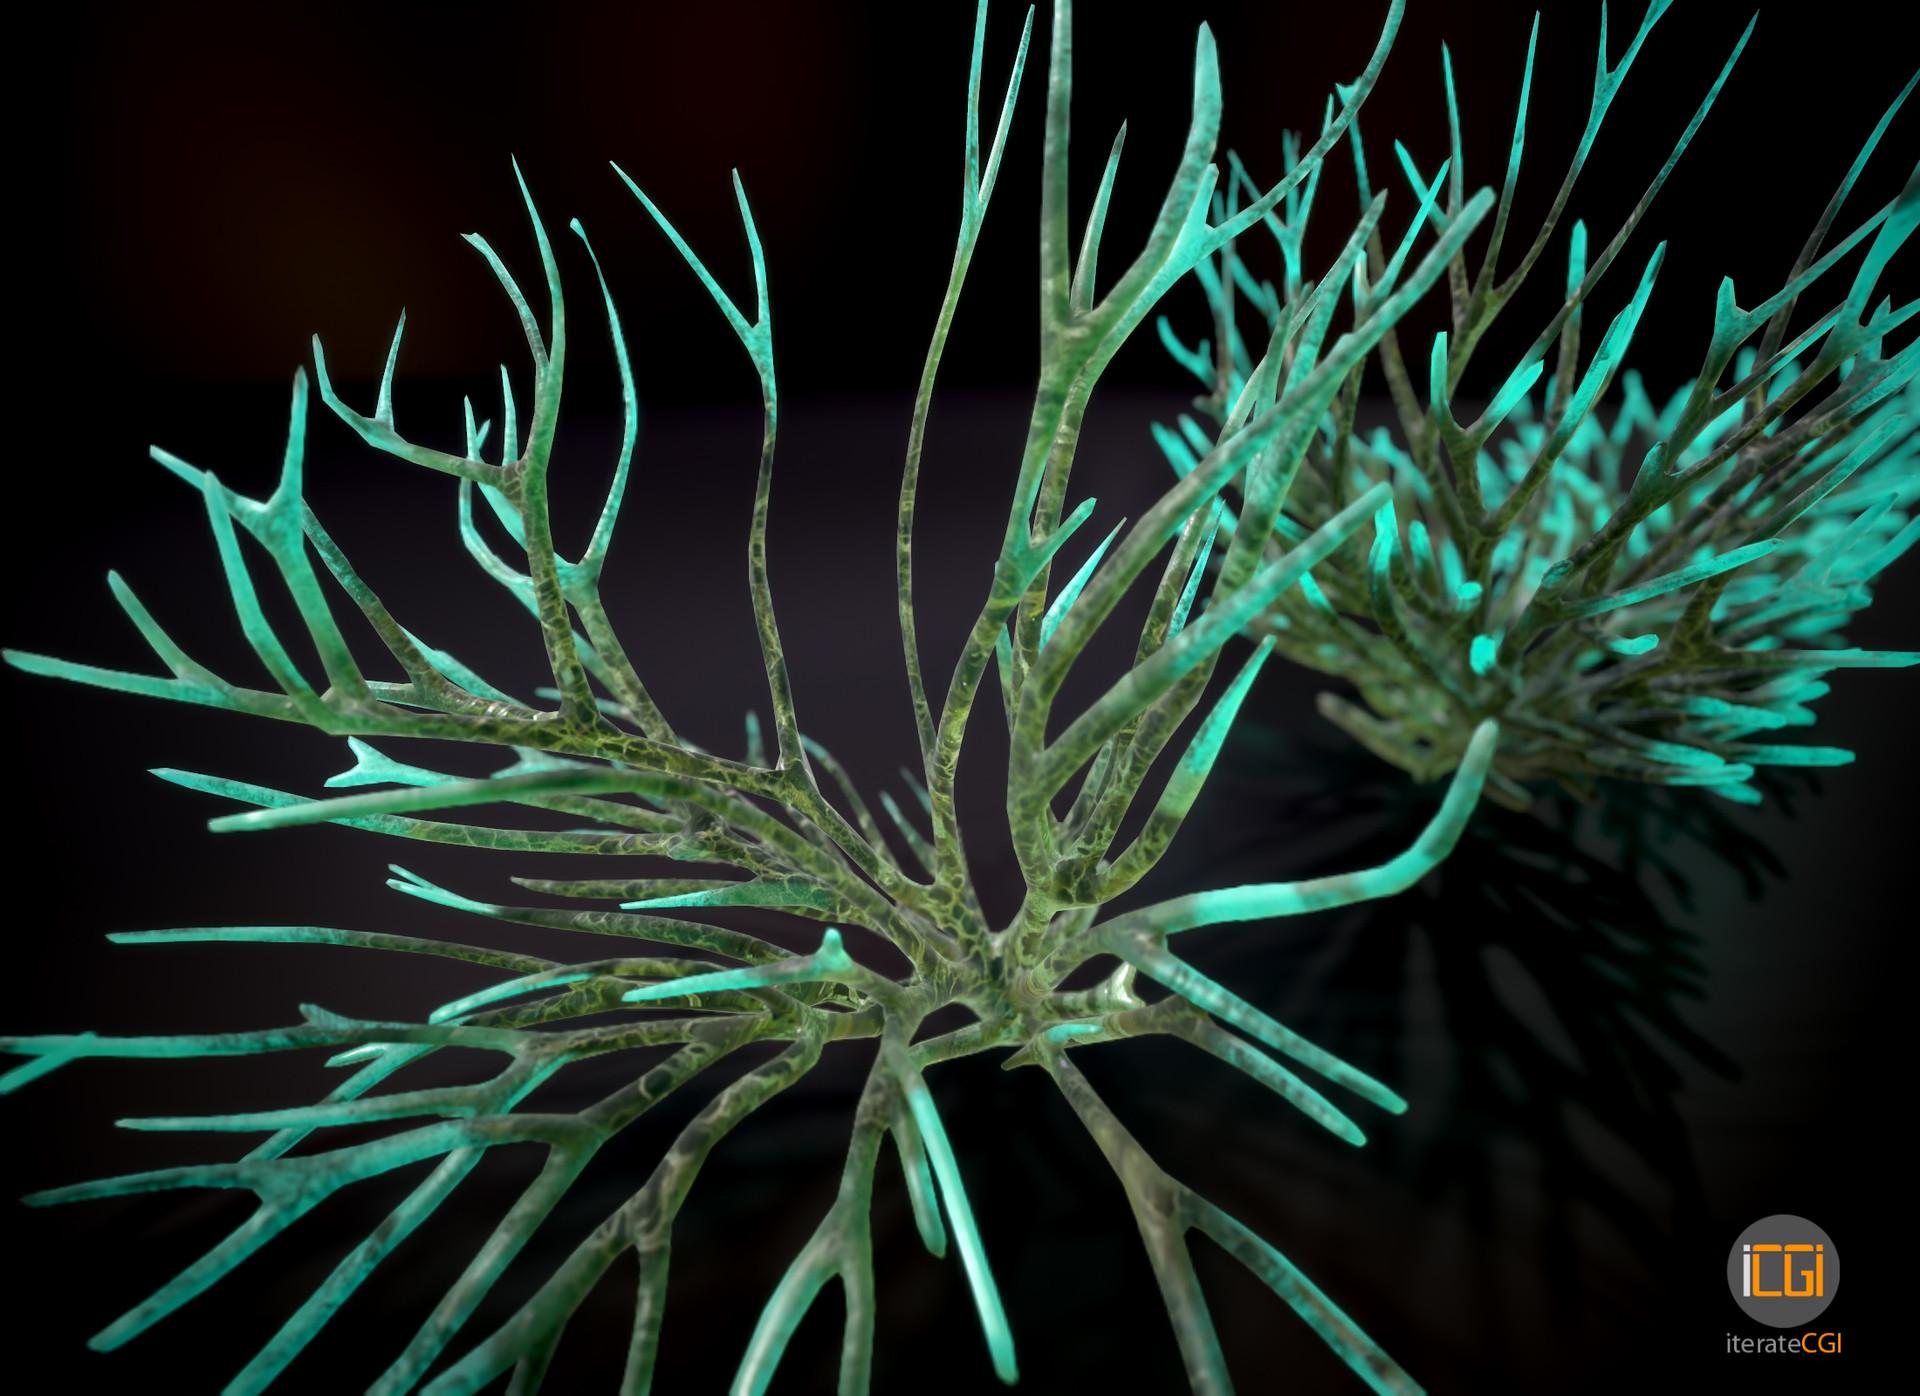 Johan de leenheer alien plant fungus type1 3